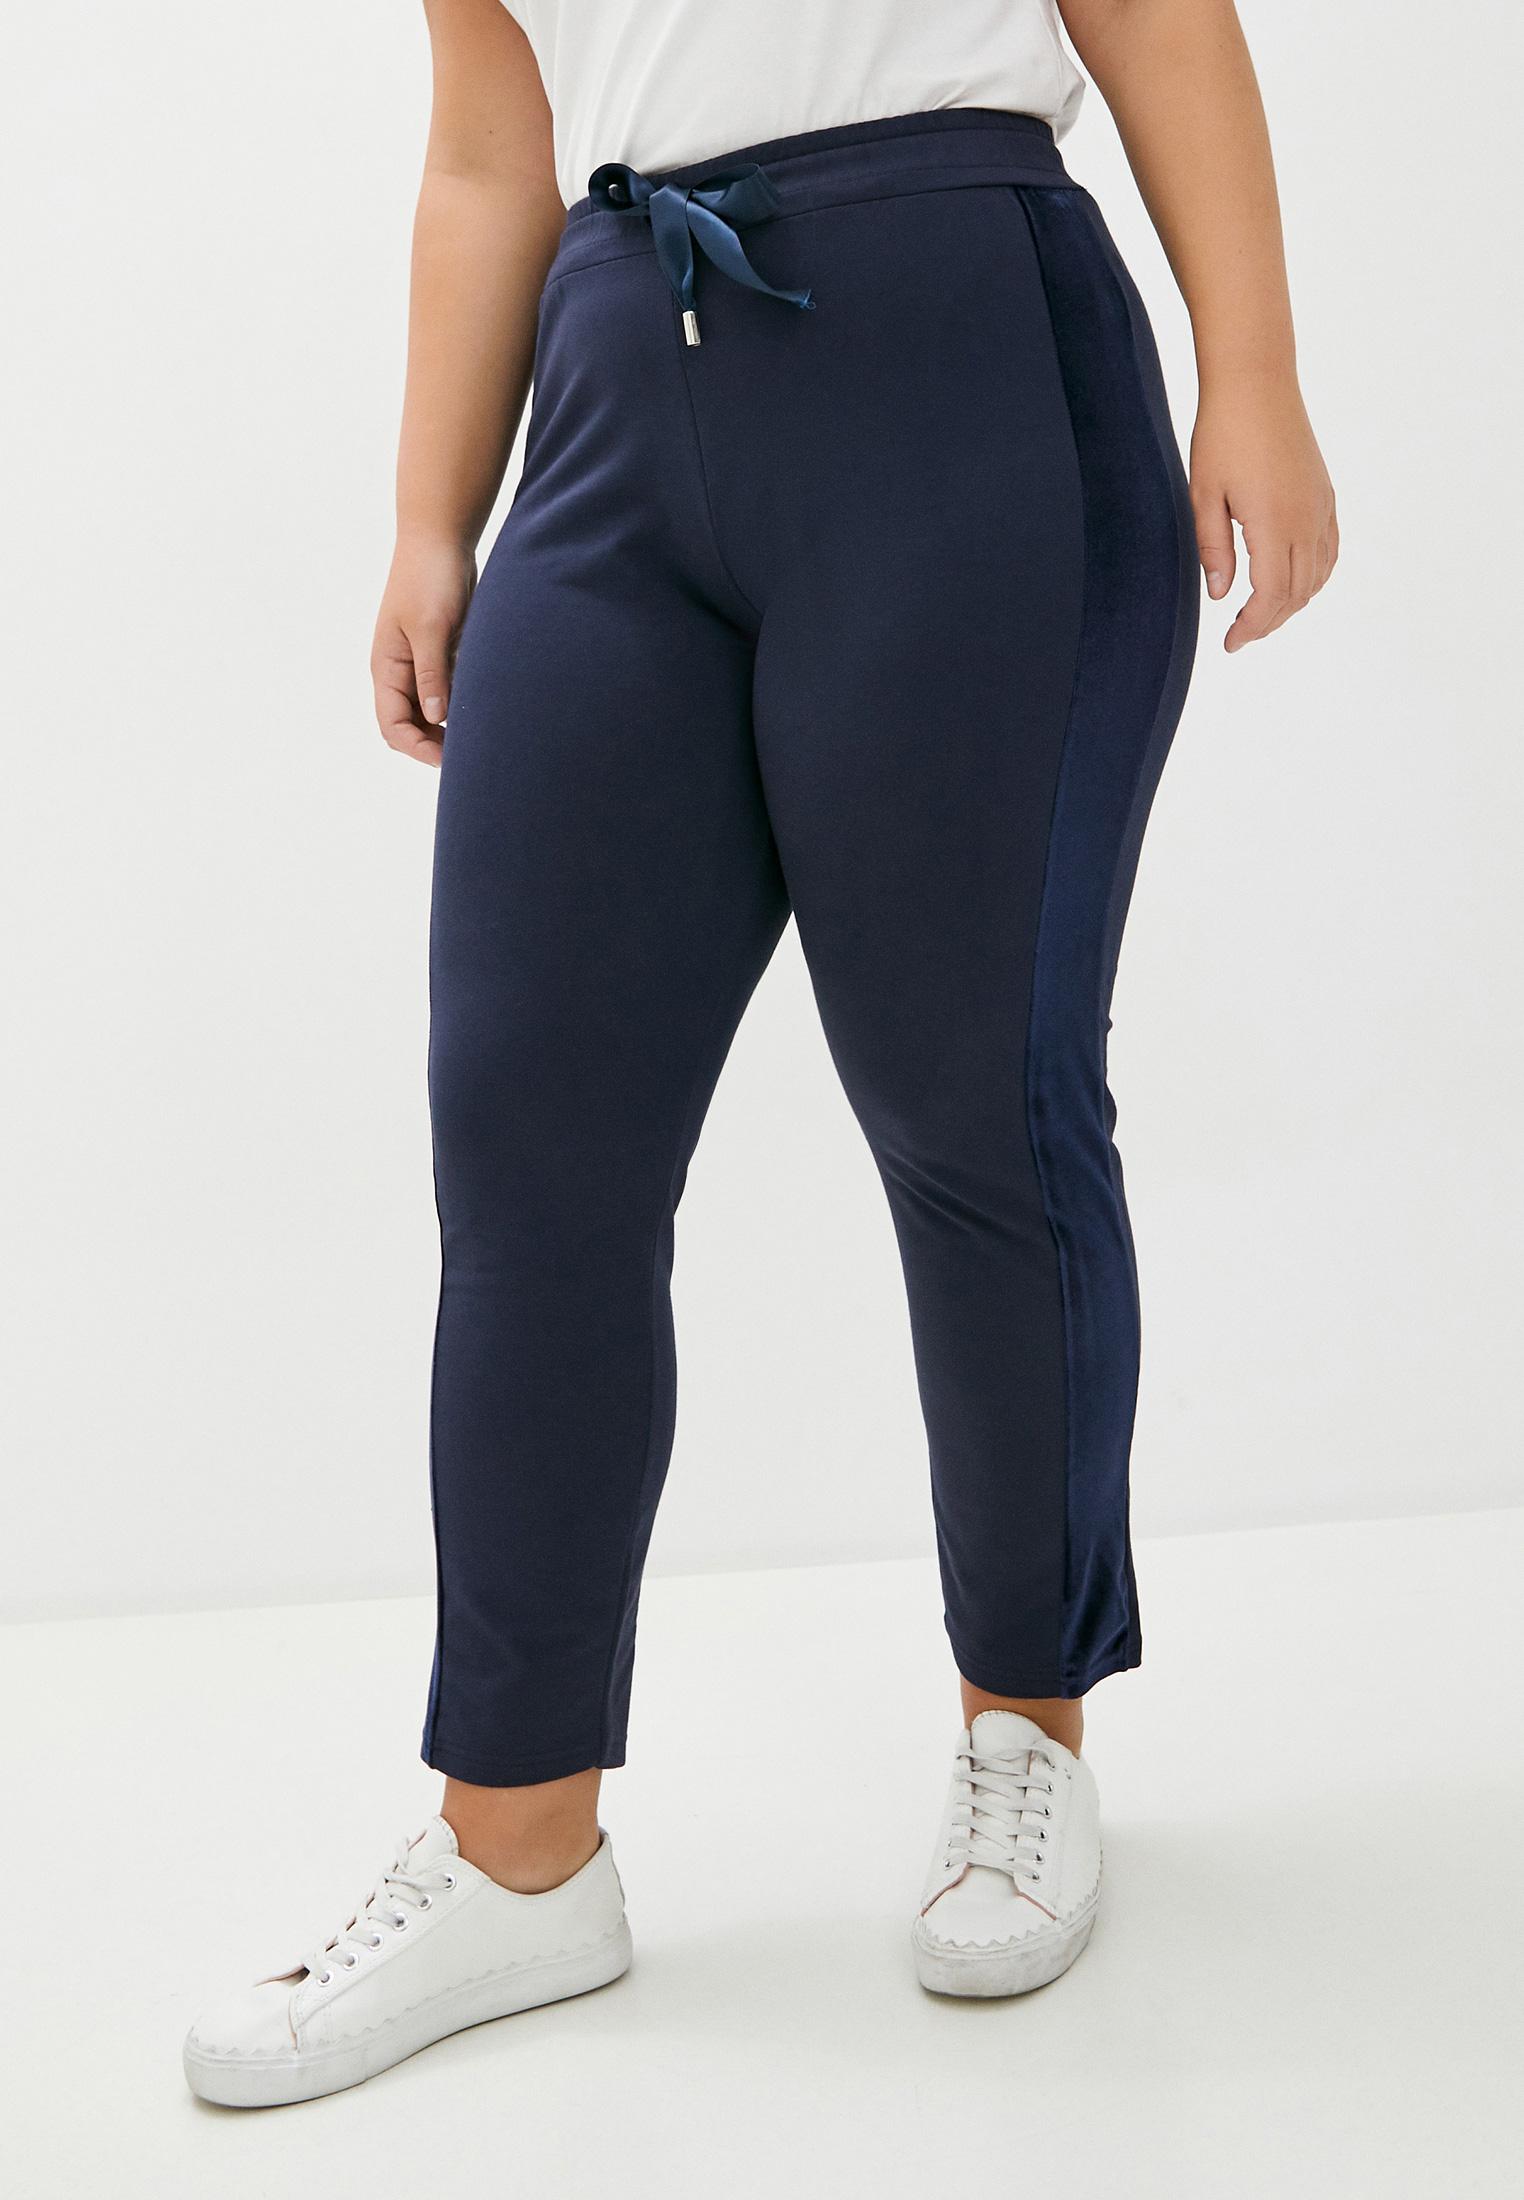 Женские спортивные брюки Sophia BAR19016/B6630